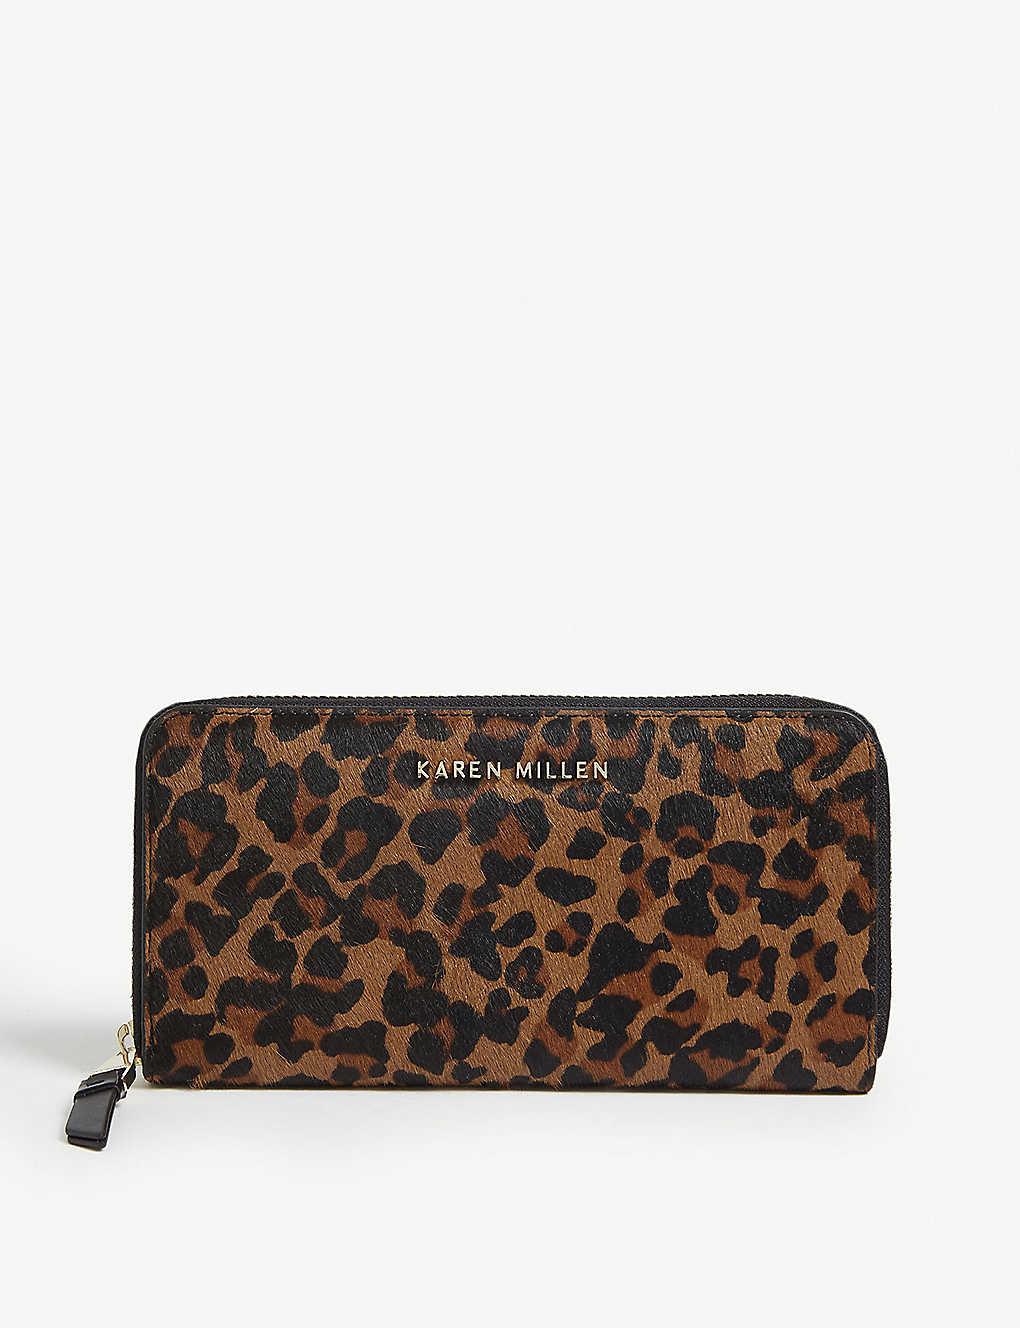 15ab423bf8f KAREN MILLEN - Leopard spot ponyhair purse | Selfridges.com